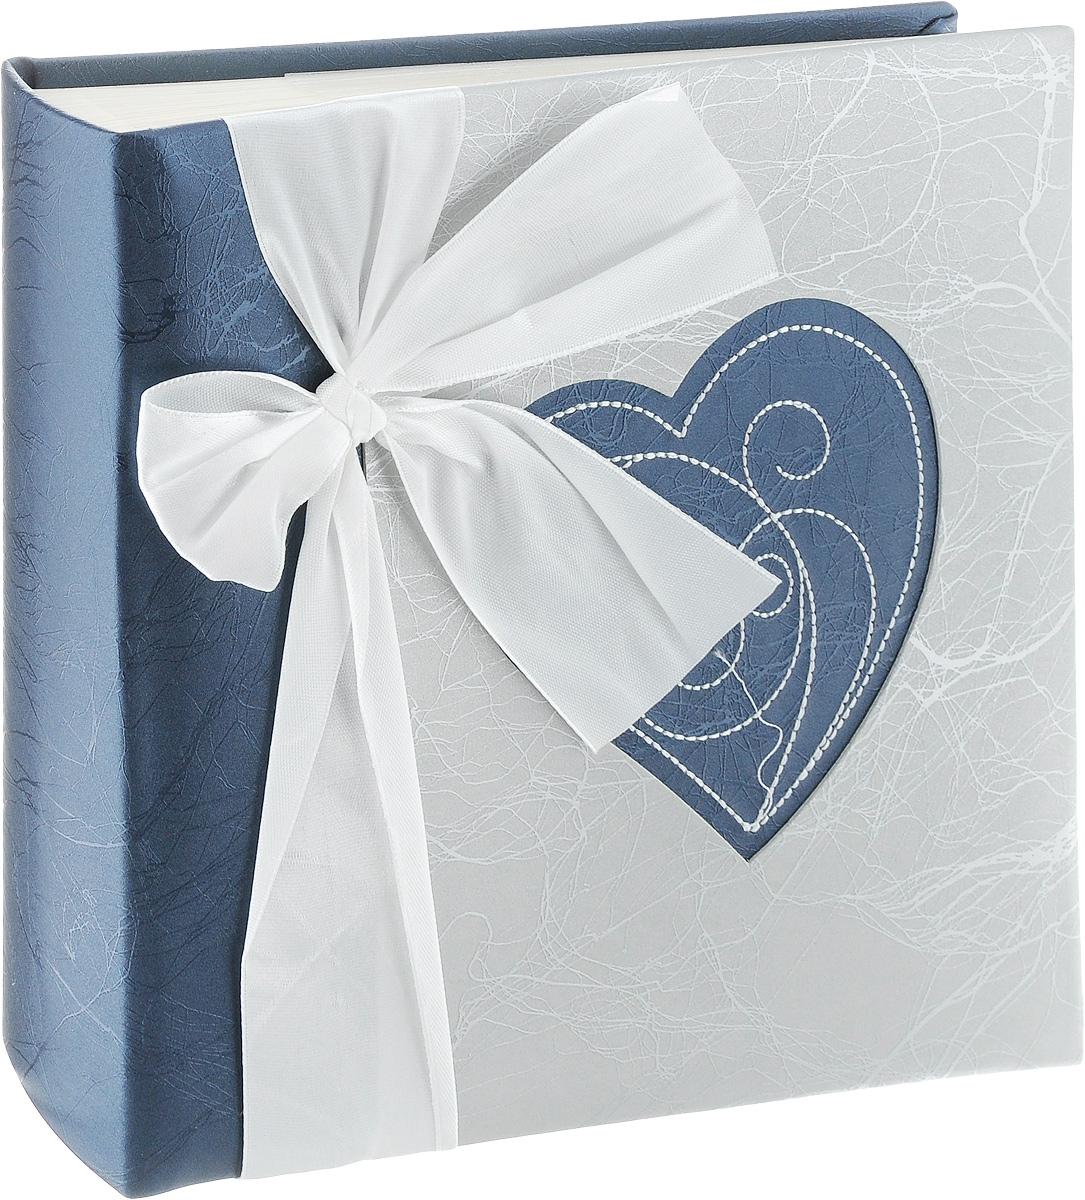 Фотоальбом Pioneer Love, 200 фотографий, цвет: серый, темно-синий, 10 x 15 см фотоальбом platinum классика love 200 фотографий 10 x 15 см